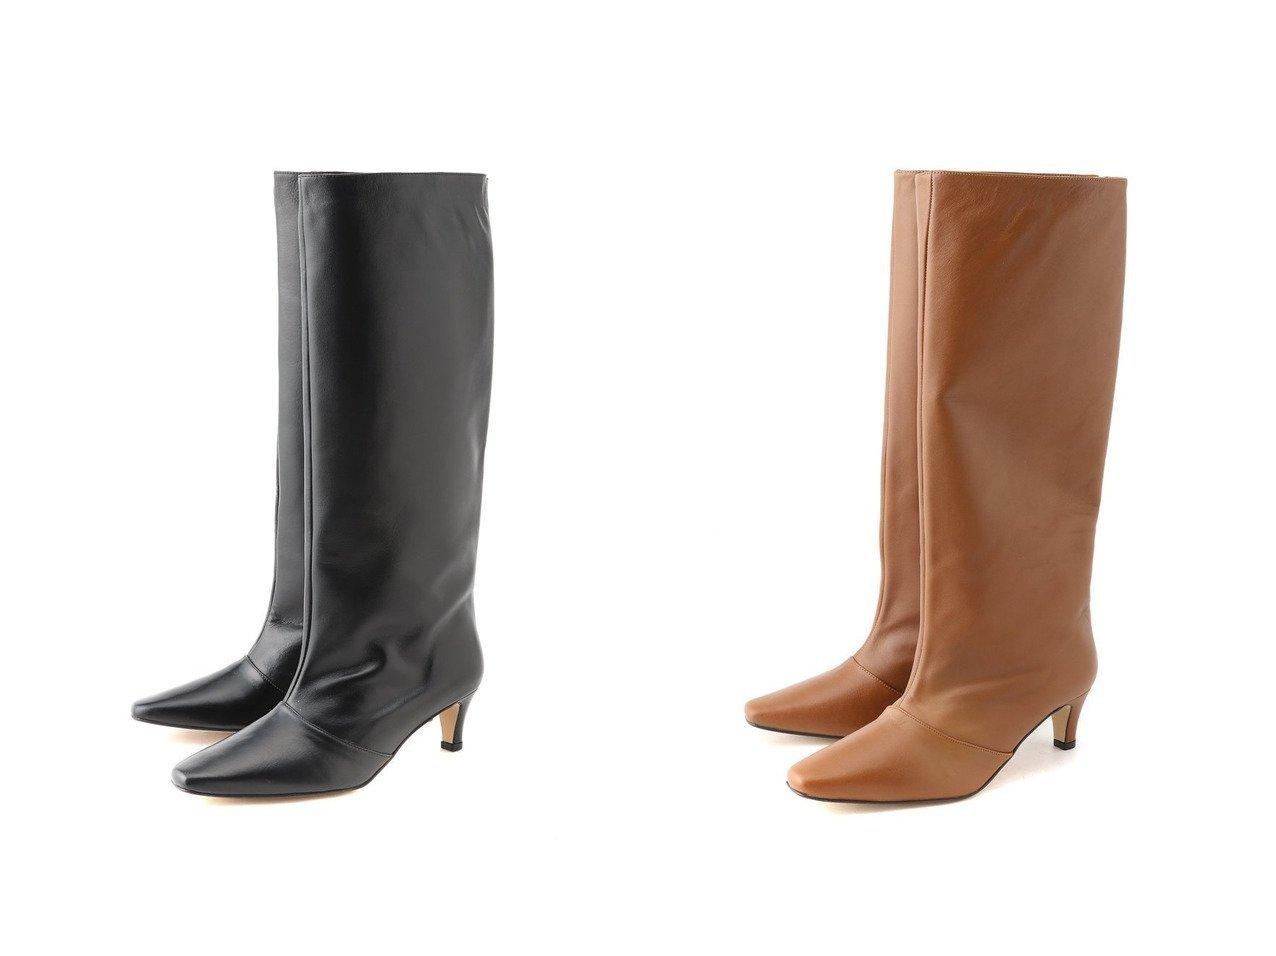 【ESCARLATA/エスカラータ】のLONG BOOTS ロングブーツ2 シューズ・靴のおすすめ!人気、トレンド・レディースファッションの通販  おすすめで人気の流行・トレンド、ファッションの通販商品 メンズファッション・キッズファッション・インテリア・家具・レディースファッション・服の通販 founy(ファニー) https://founy.com/ ファッション Fashion レディースファッション WOMEN クラシカル シューズ トレンド 人気 別注 ロング A/W 秋冬 AW Autumn/Winter / FW Fall-Winter 2020年 2020 2020-2021 秋冬 A/W AW Autumn/Winter / FW Fall-Winter 2020-2021 NEW・新作・新着・新入荷 New Arrivals |ID:crp329100000010821